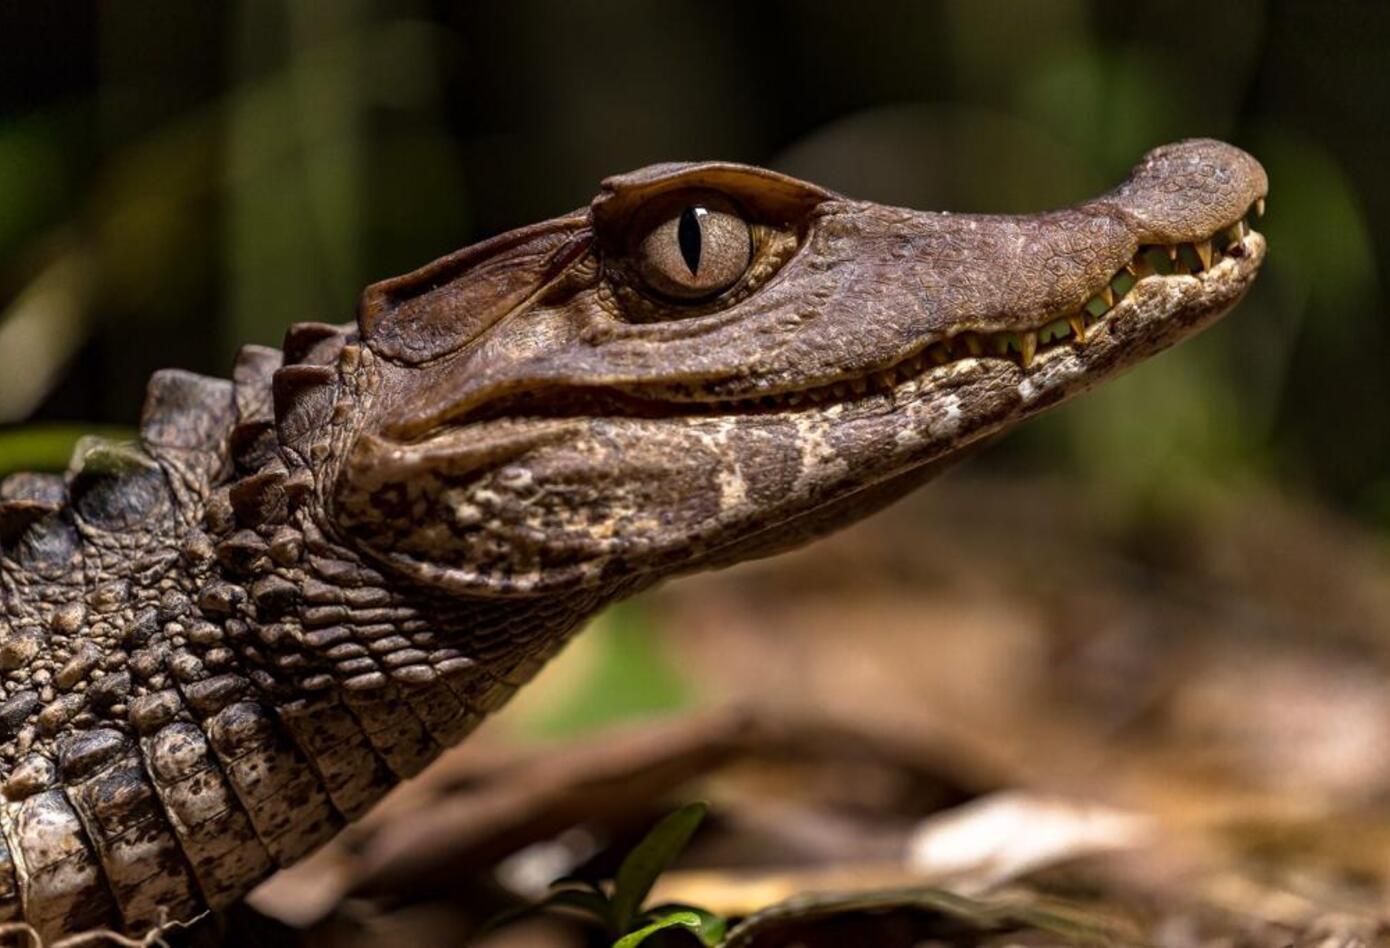 Los investigadores identificaron las cuatro especies de cocodrílidos: babillas, dos cachirres y el caimán llanero. Foto: Felipe Villegas (Instituto Humboldt).